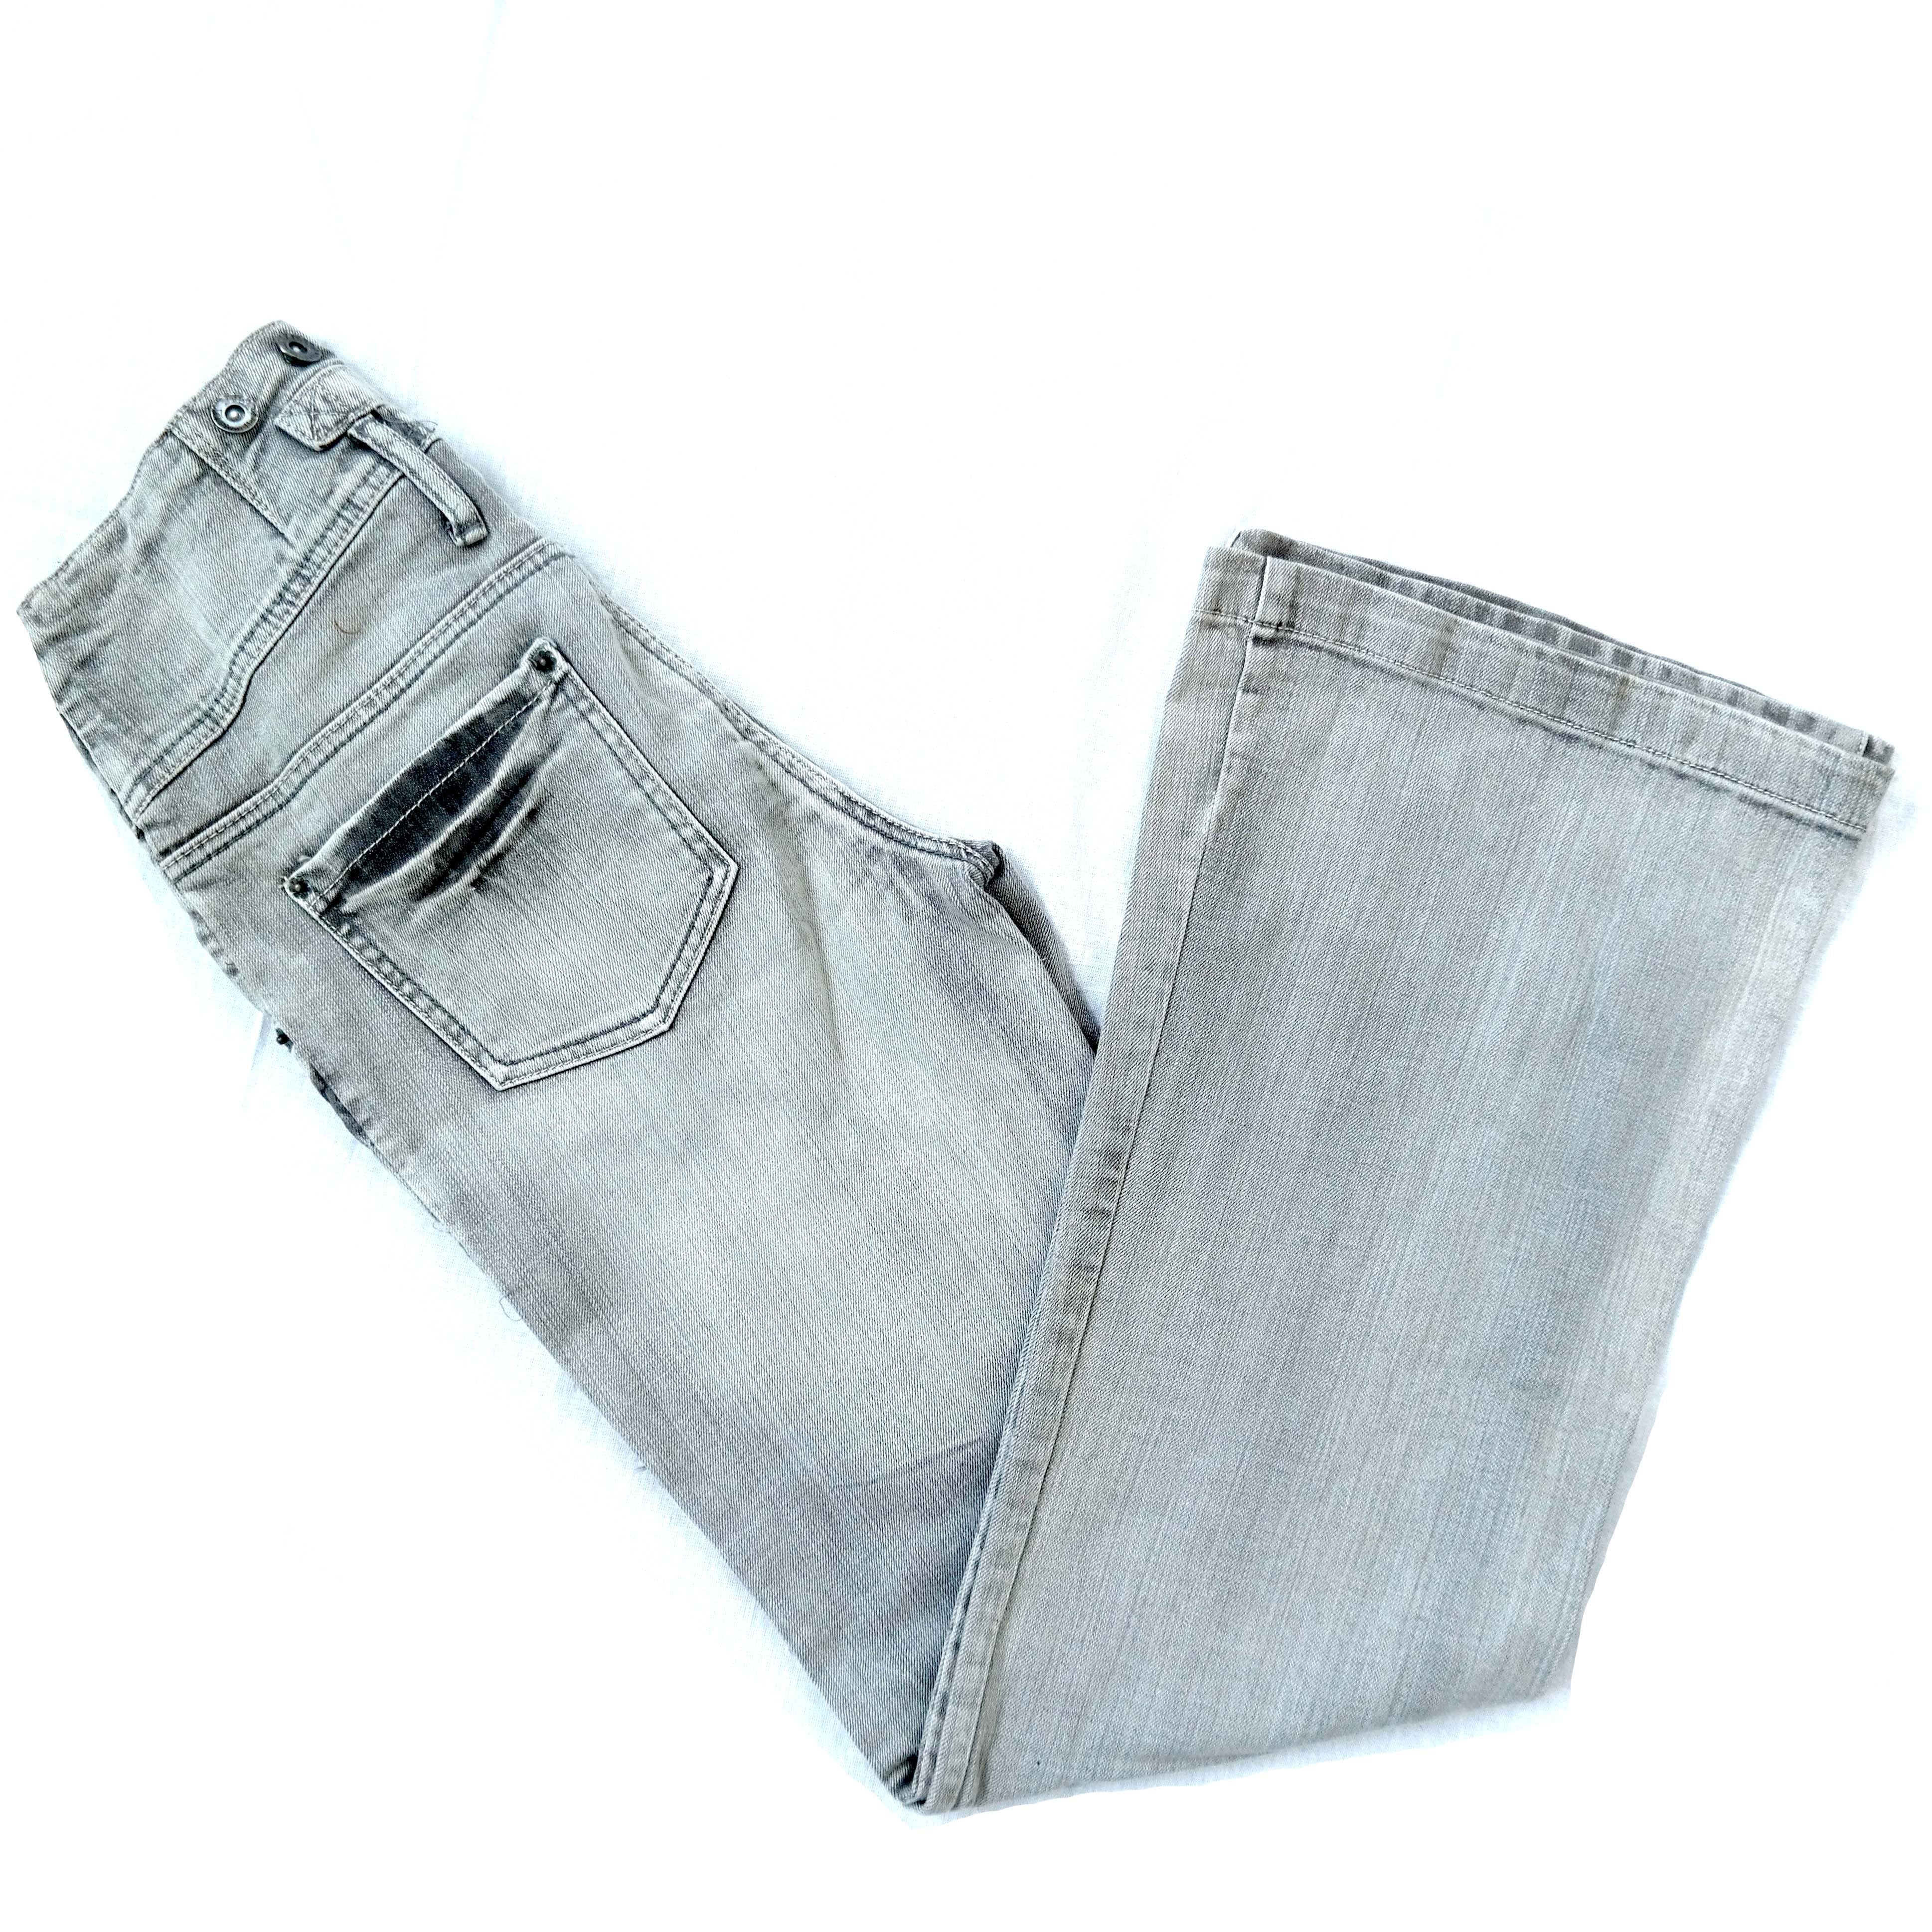 Женские джинсы-клеш в Москве